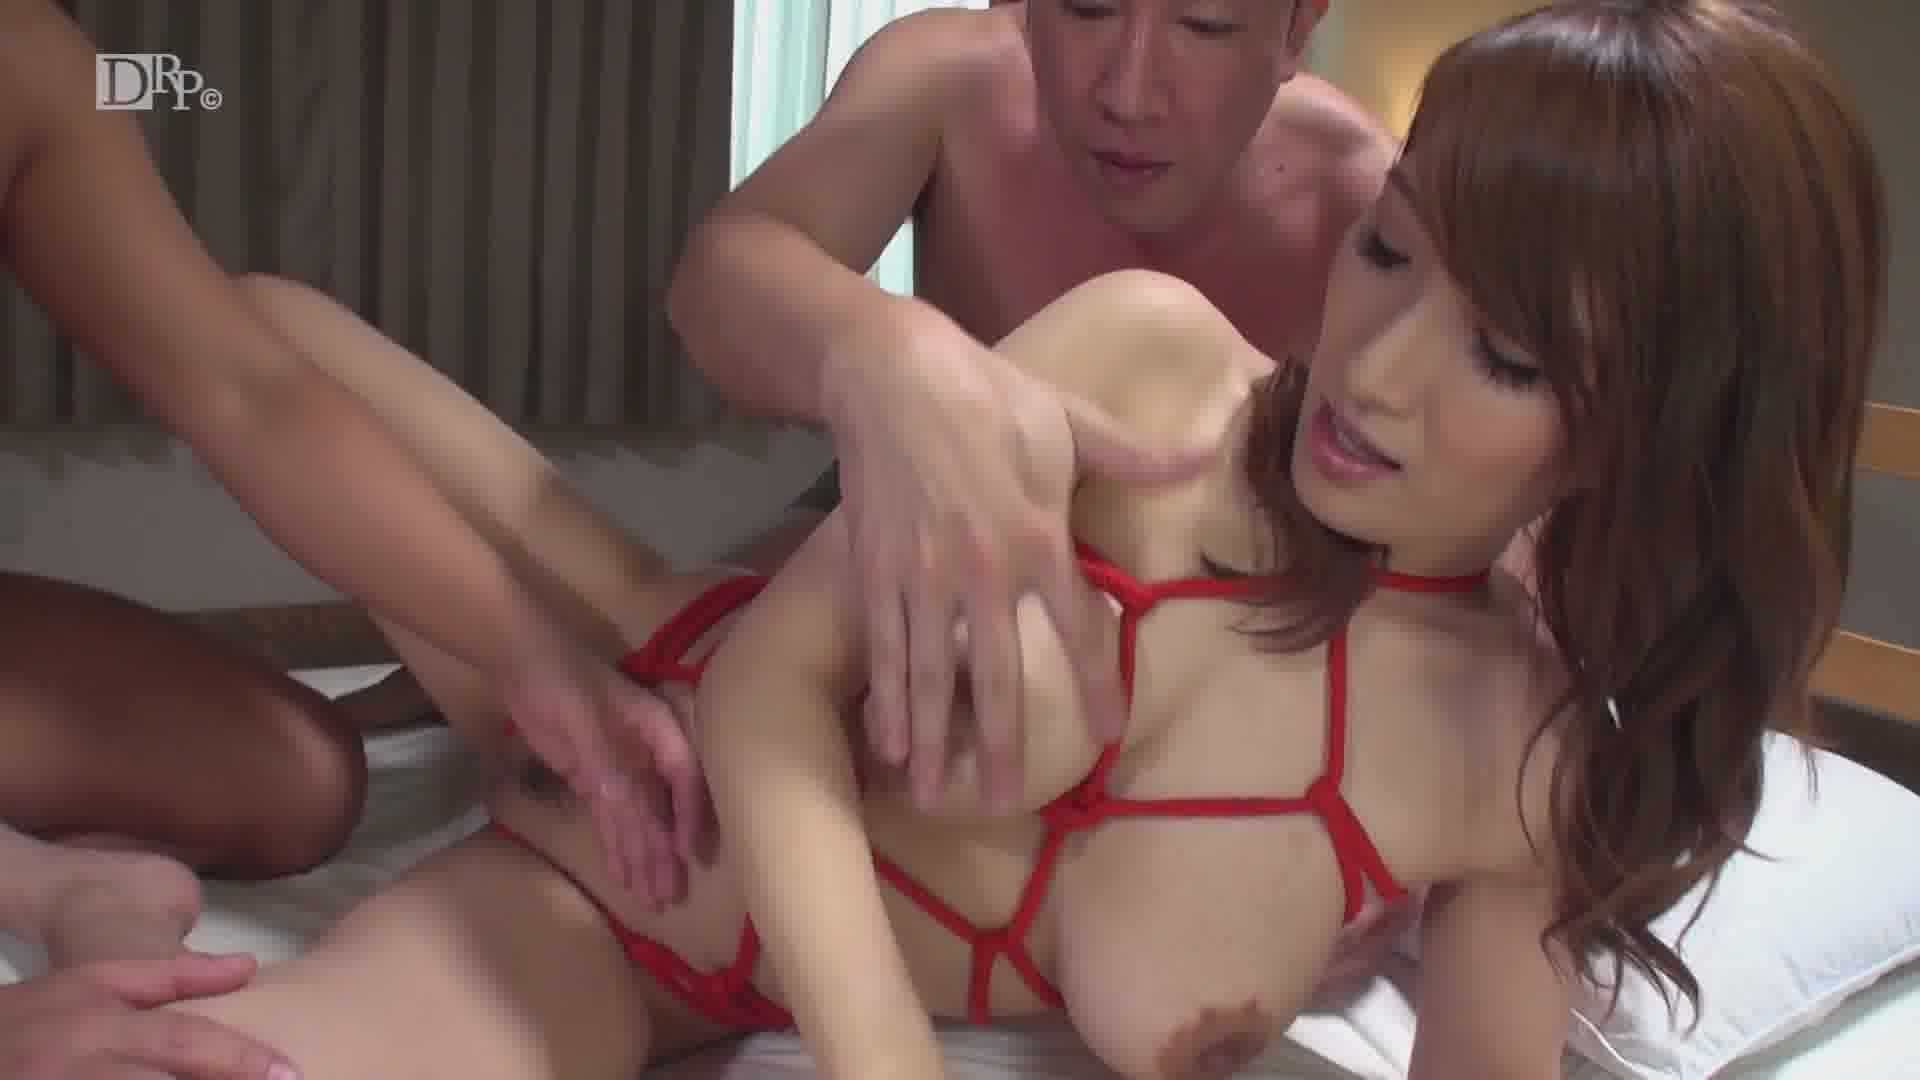 ダイナマイト 美月優芽 - 美月優芽【痴女・乱交・ハード系】